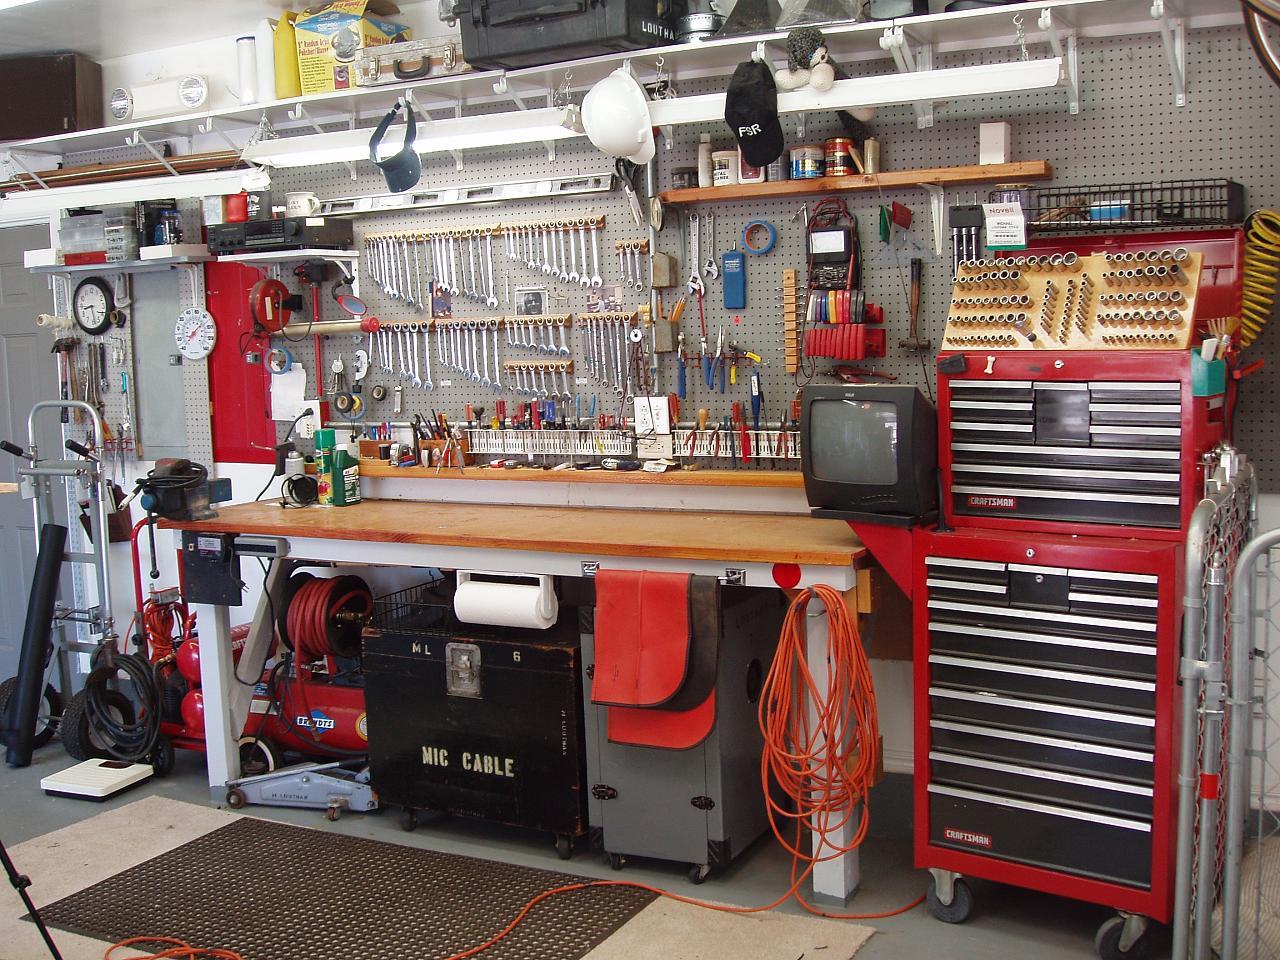 картинка ремонтной мастерской это самое красивое